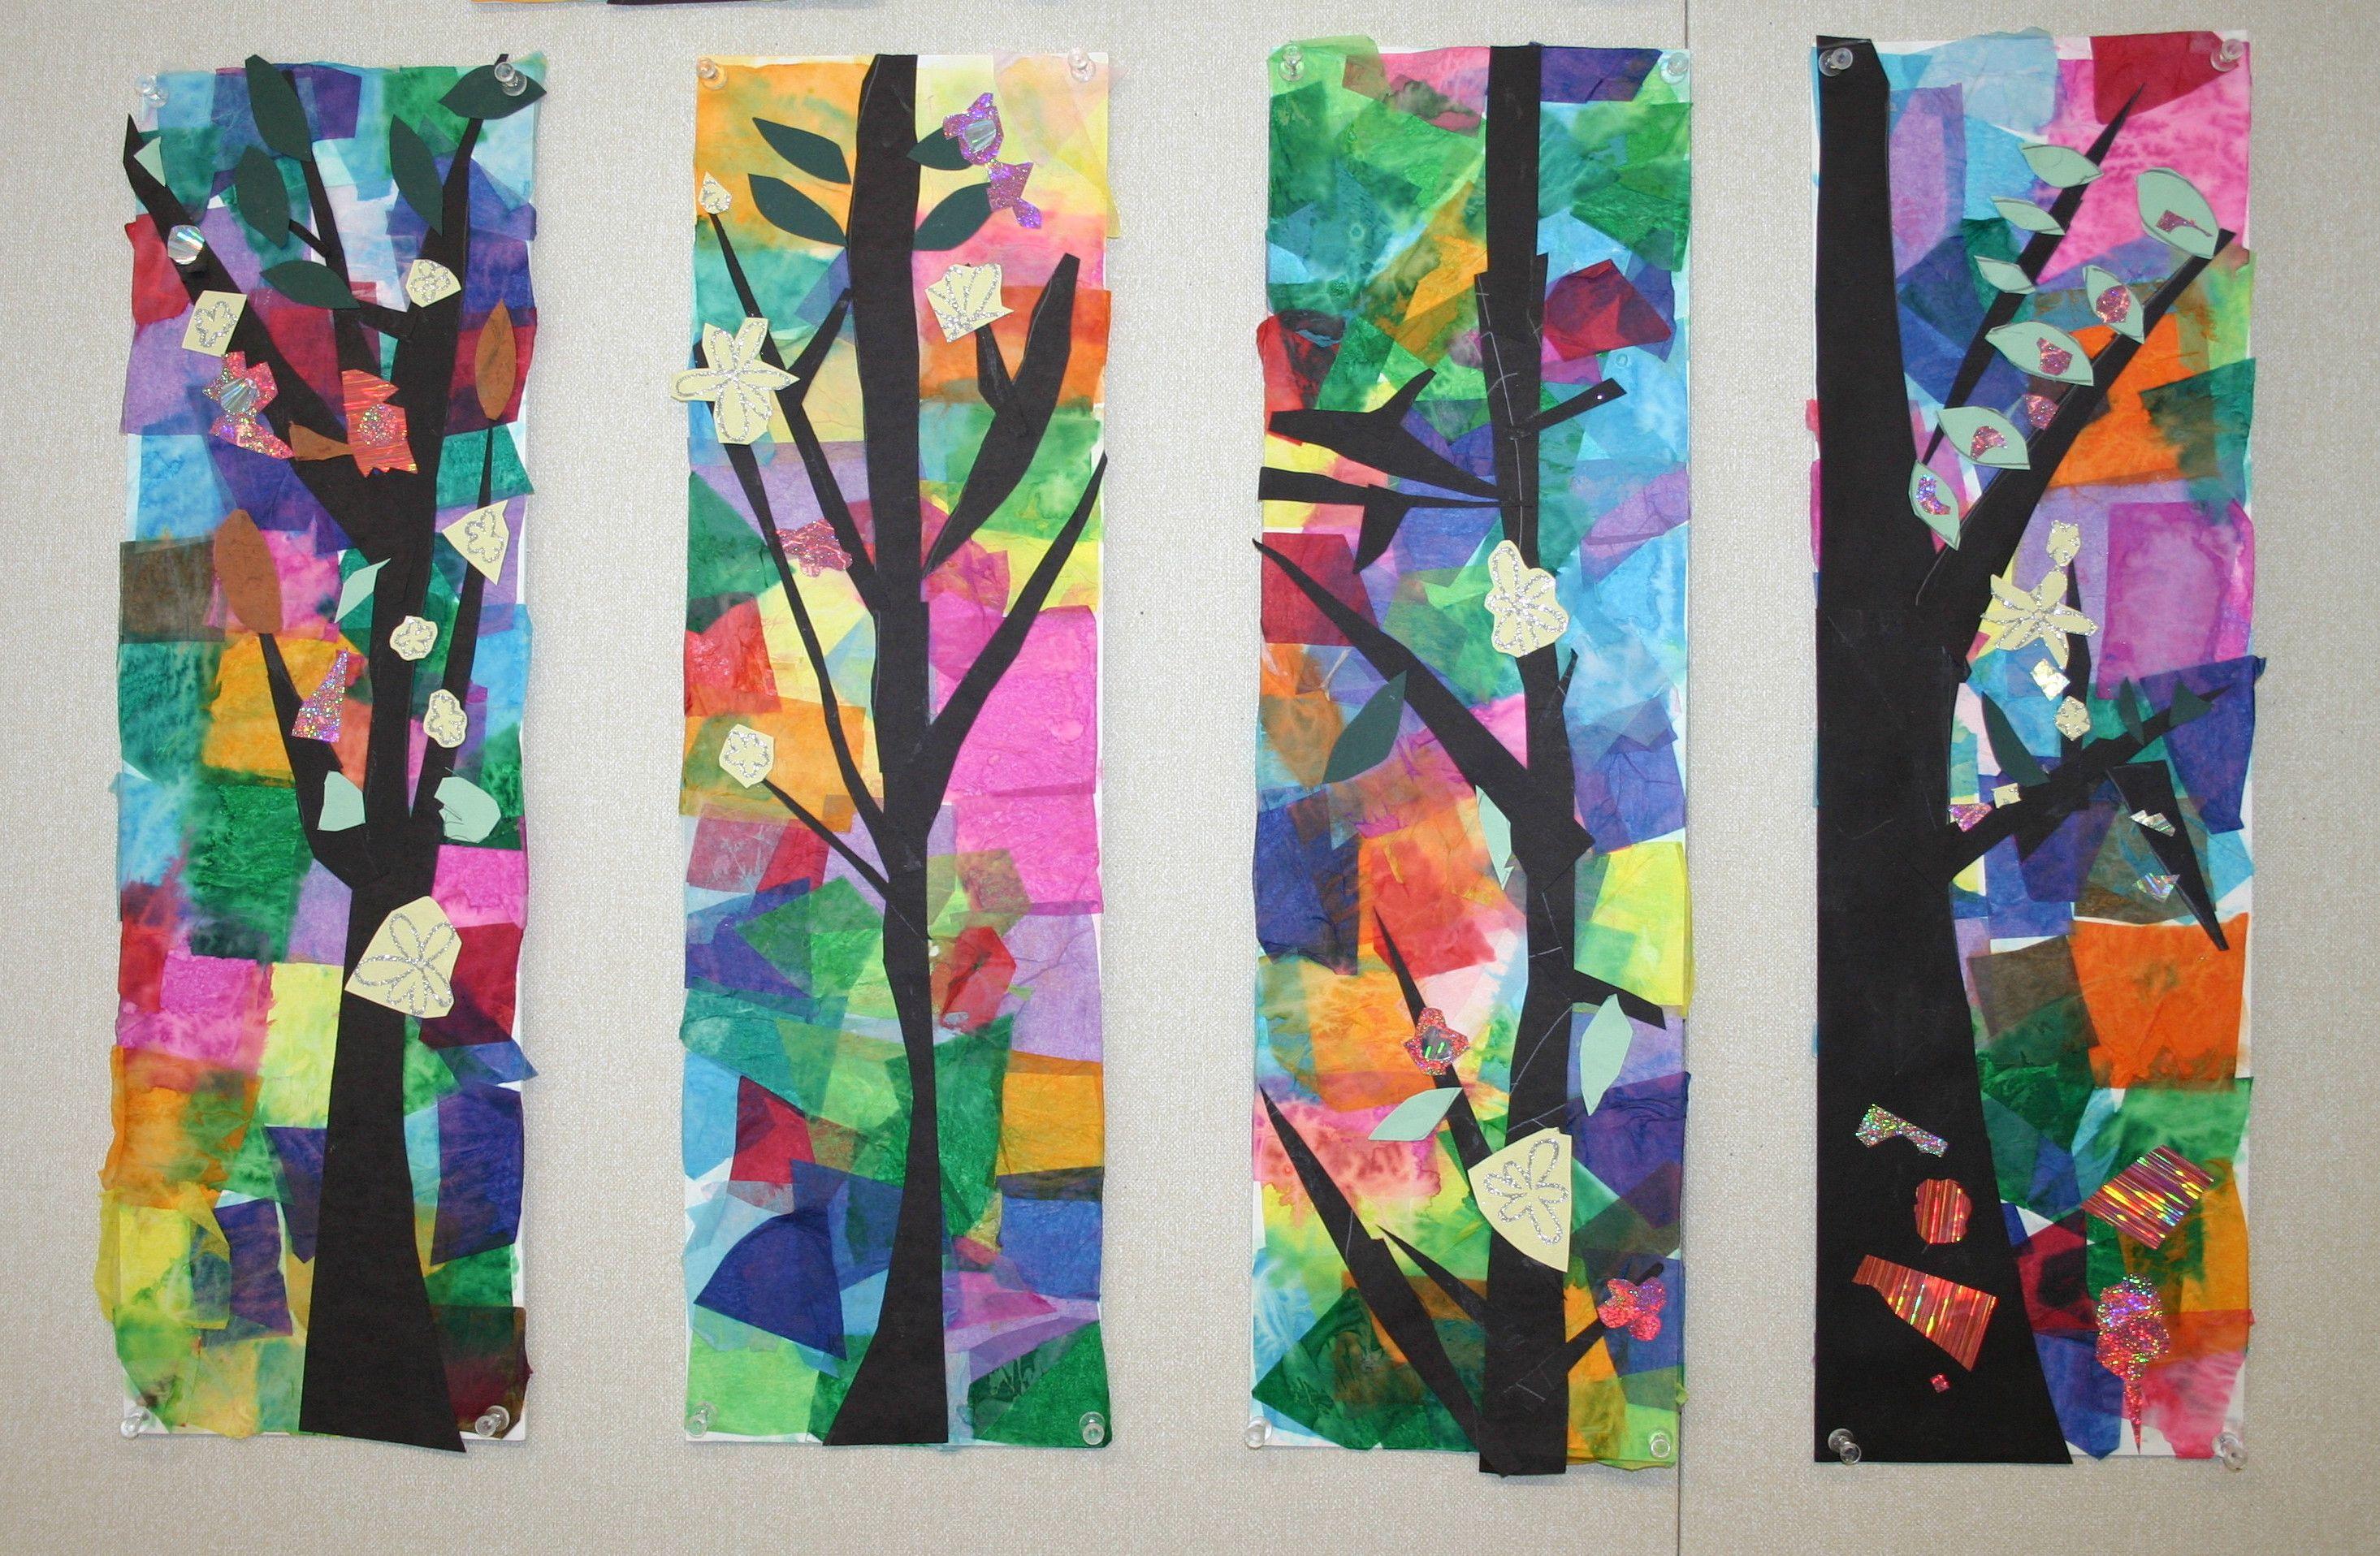 printemps ou pas printemps les cahiers de jos phine art pinterest mosa que de papier. Black Bedroom Furniture Sets. Home Design Ideas